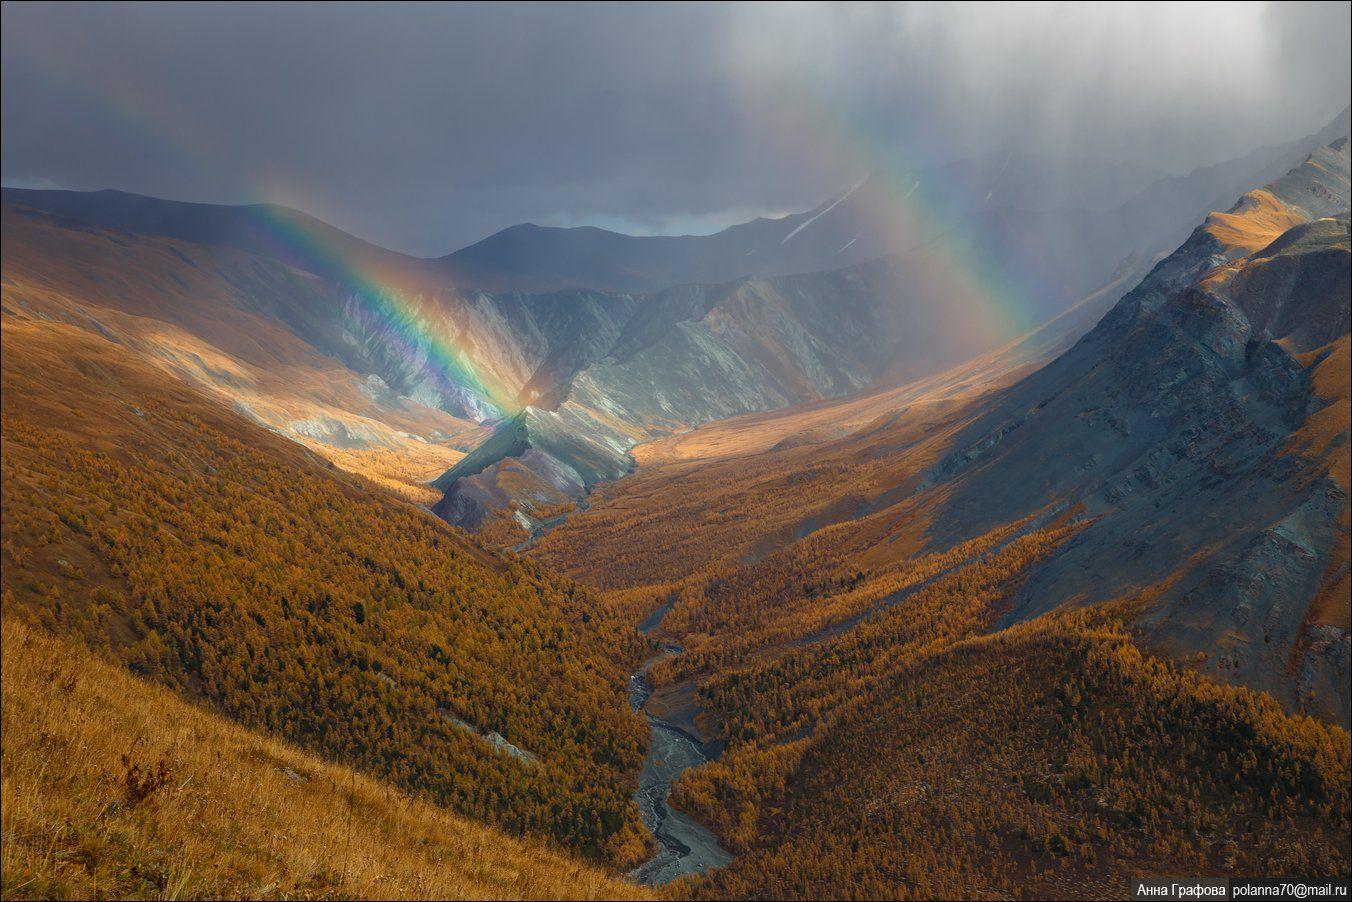 Алтай, Аня графова, Горный алтай, Горы, Катунский хребет, Осень, Радуга, Ярлу, Аня Графова